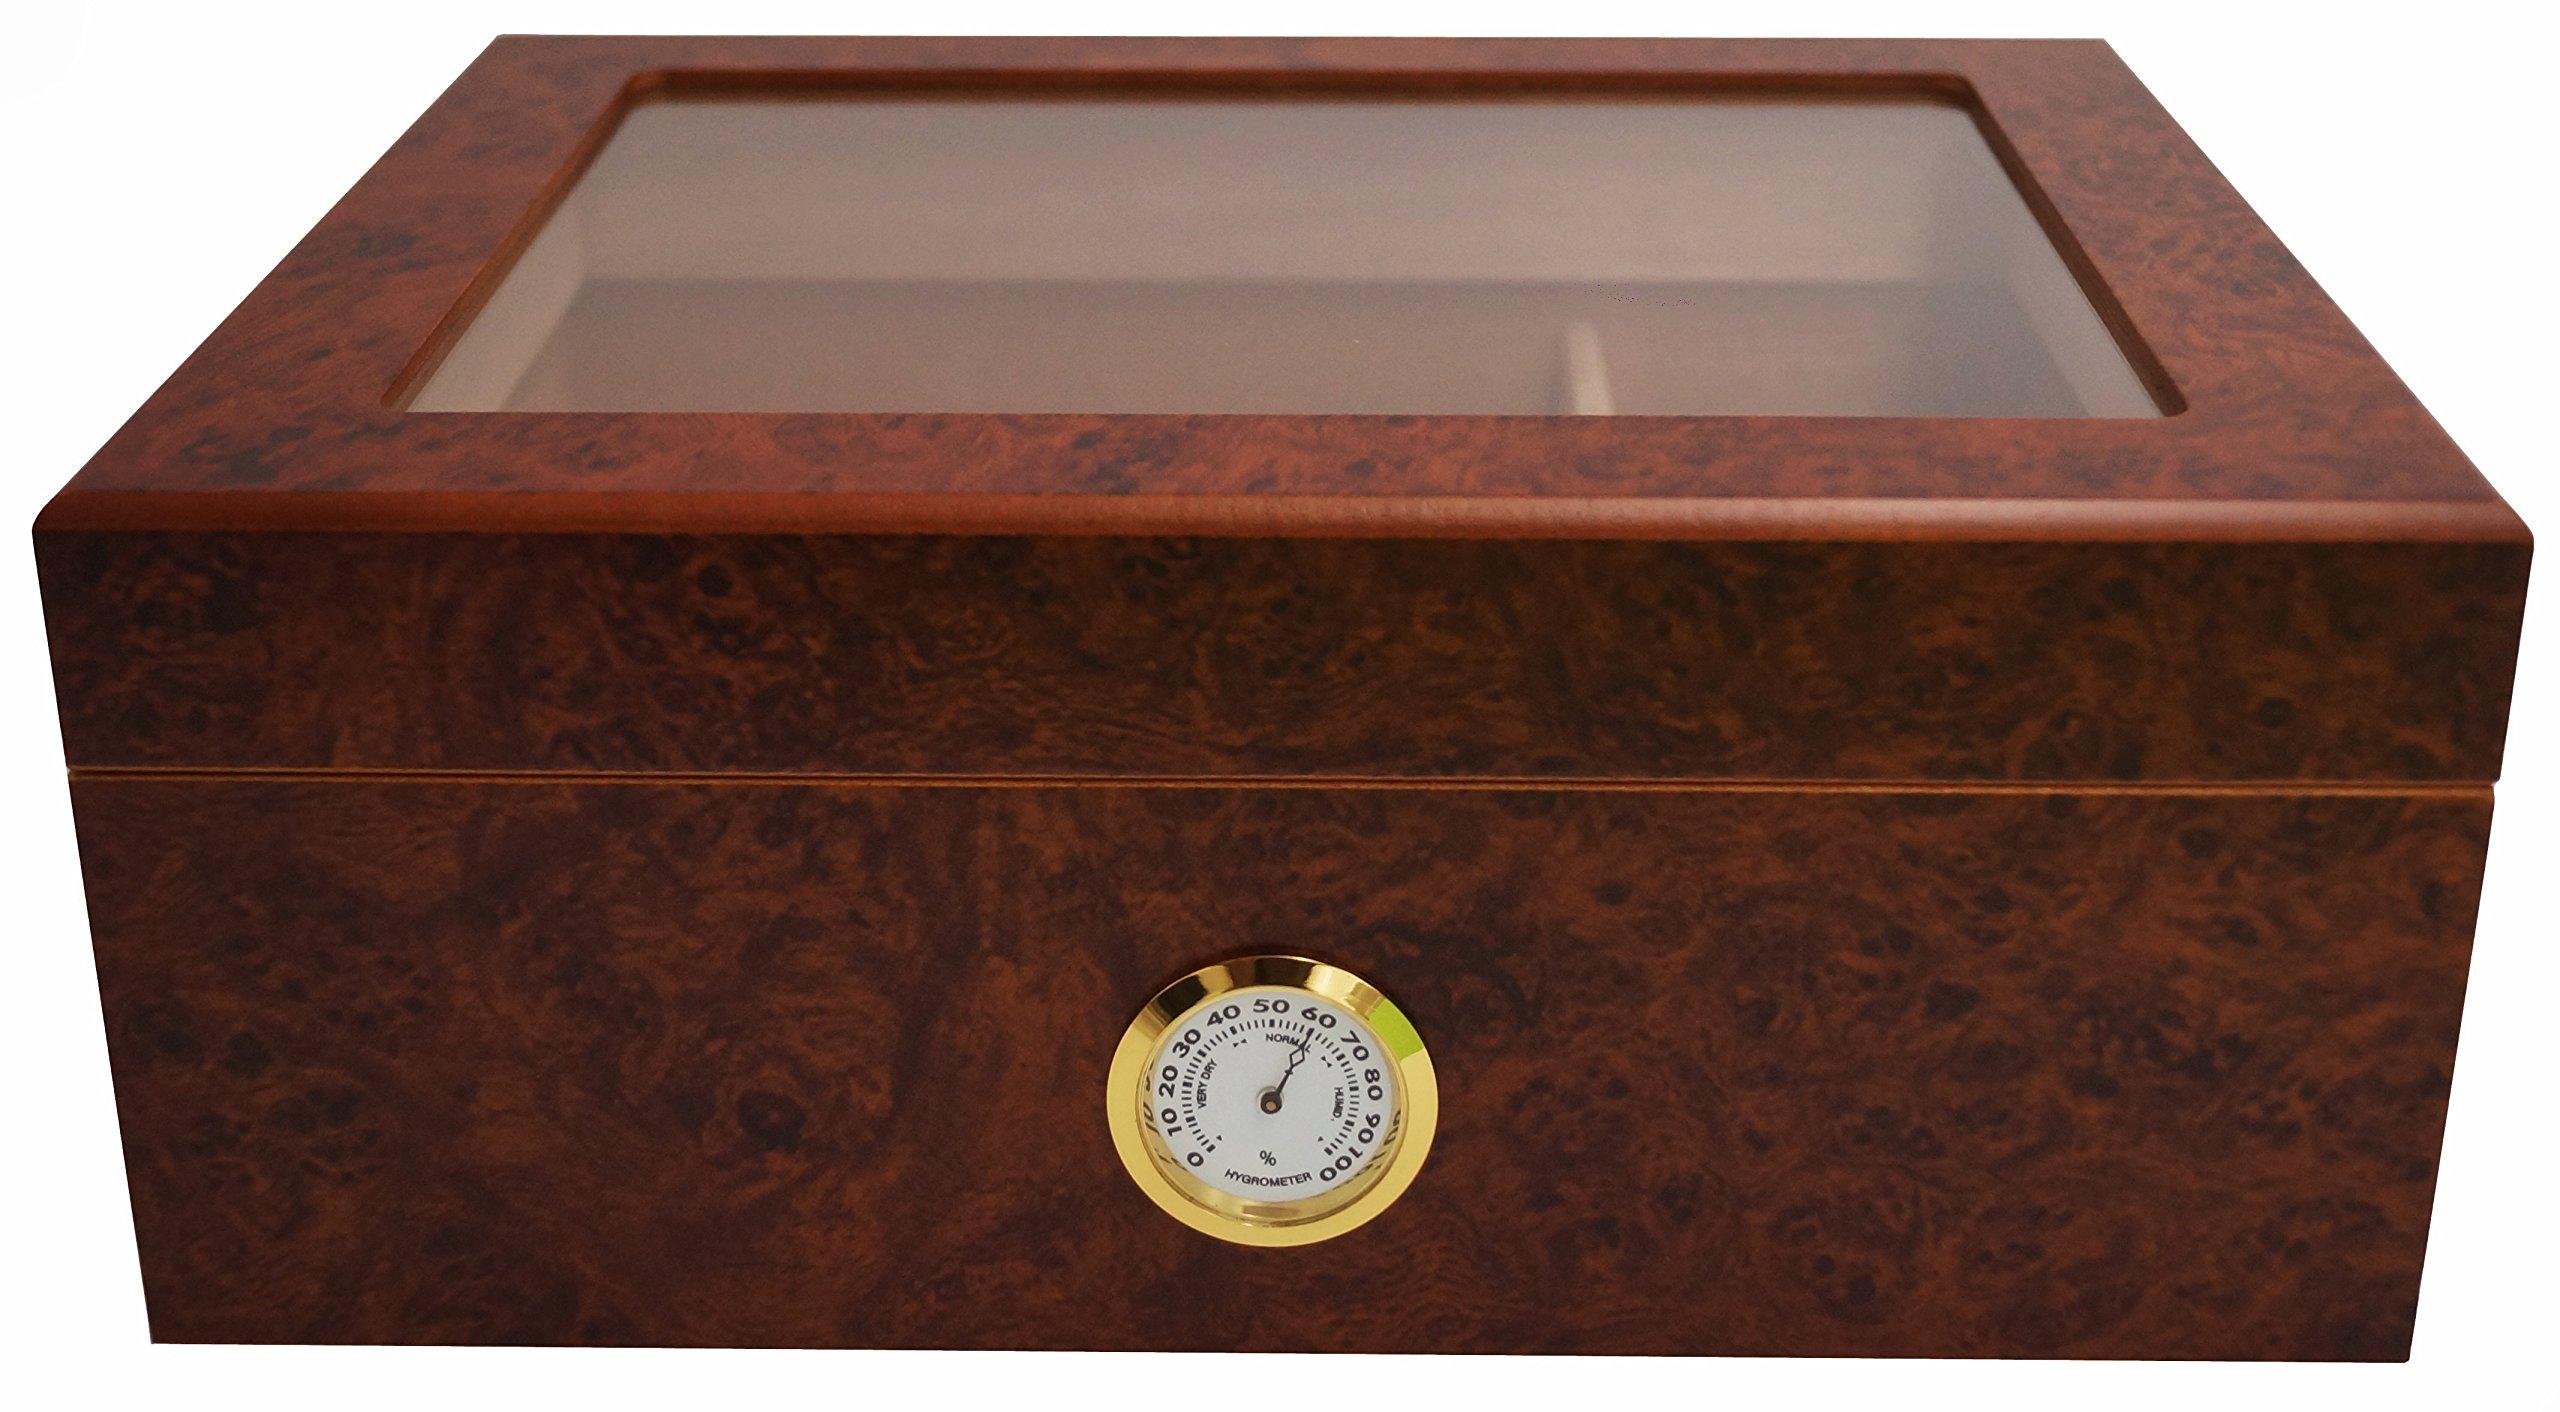 GERMANUS Humidor de Puros Desk I con Higrómetro y Humidificador y el Manual Germanus Libro en Marrón: Amazon.es: Hogar